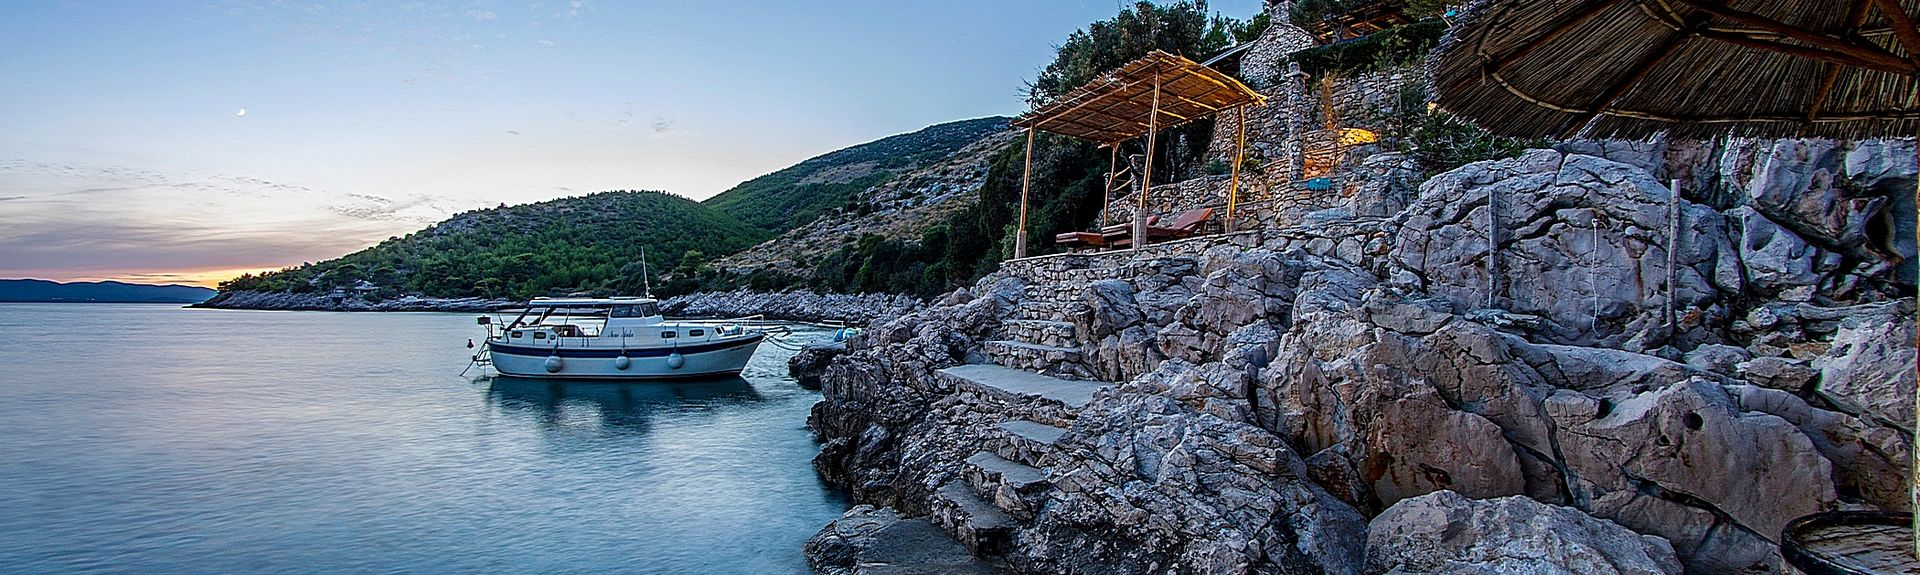 Strand van Makarska, Makarska, Split-Dalmatië, Kroatië